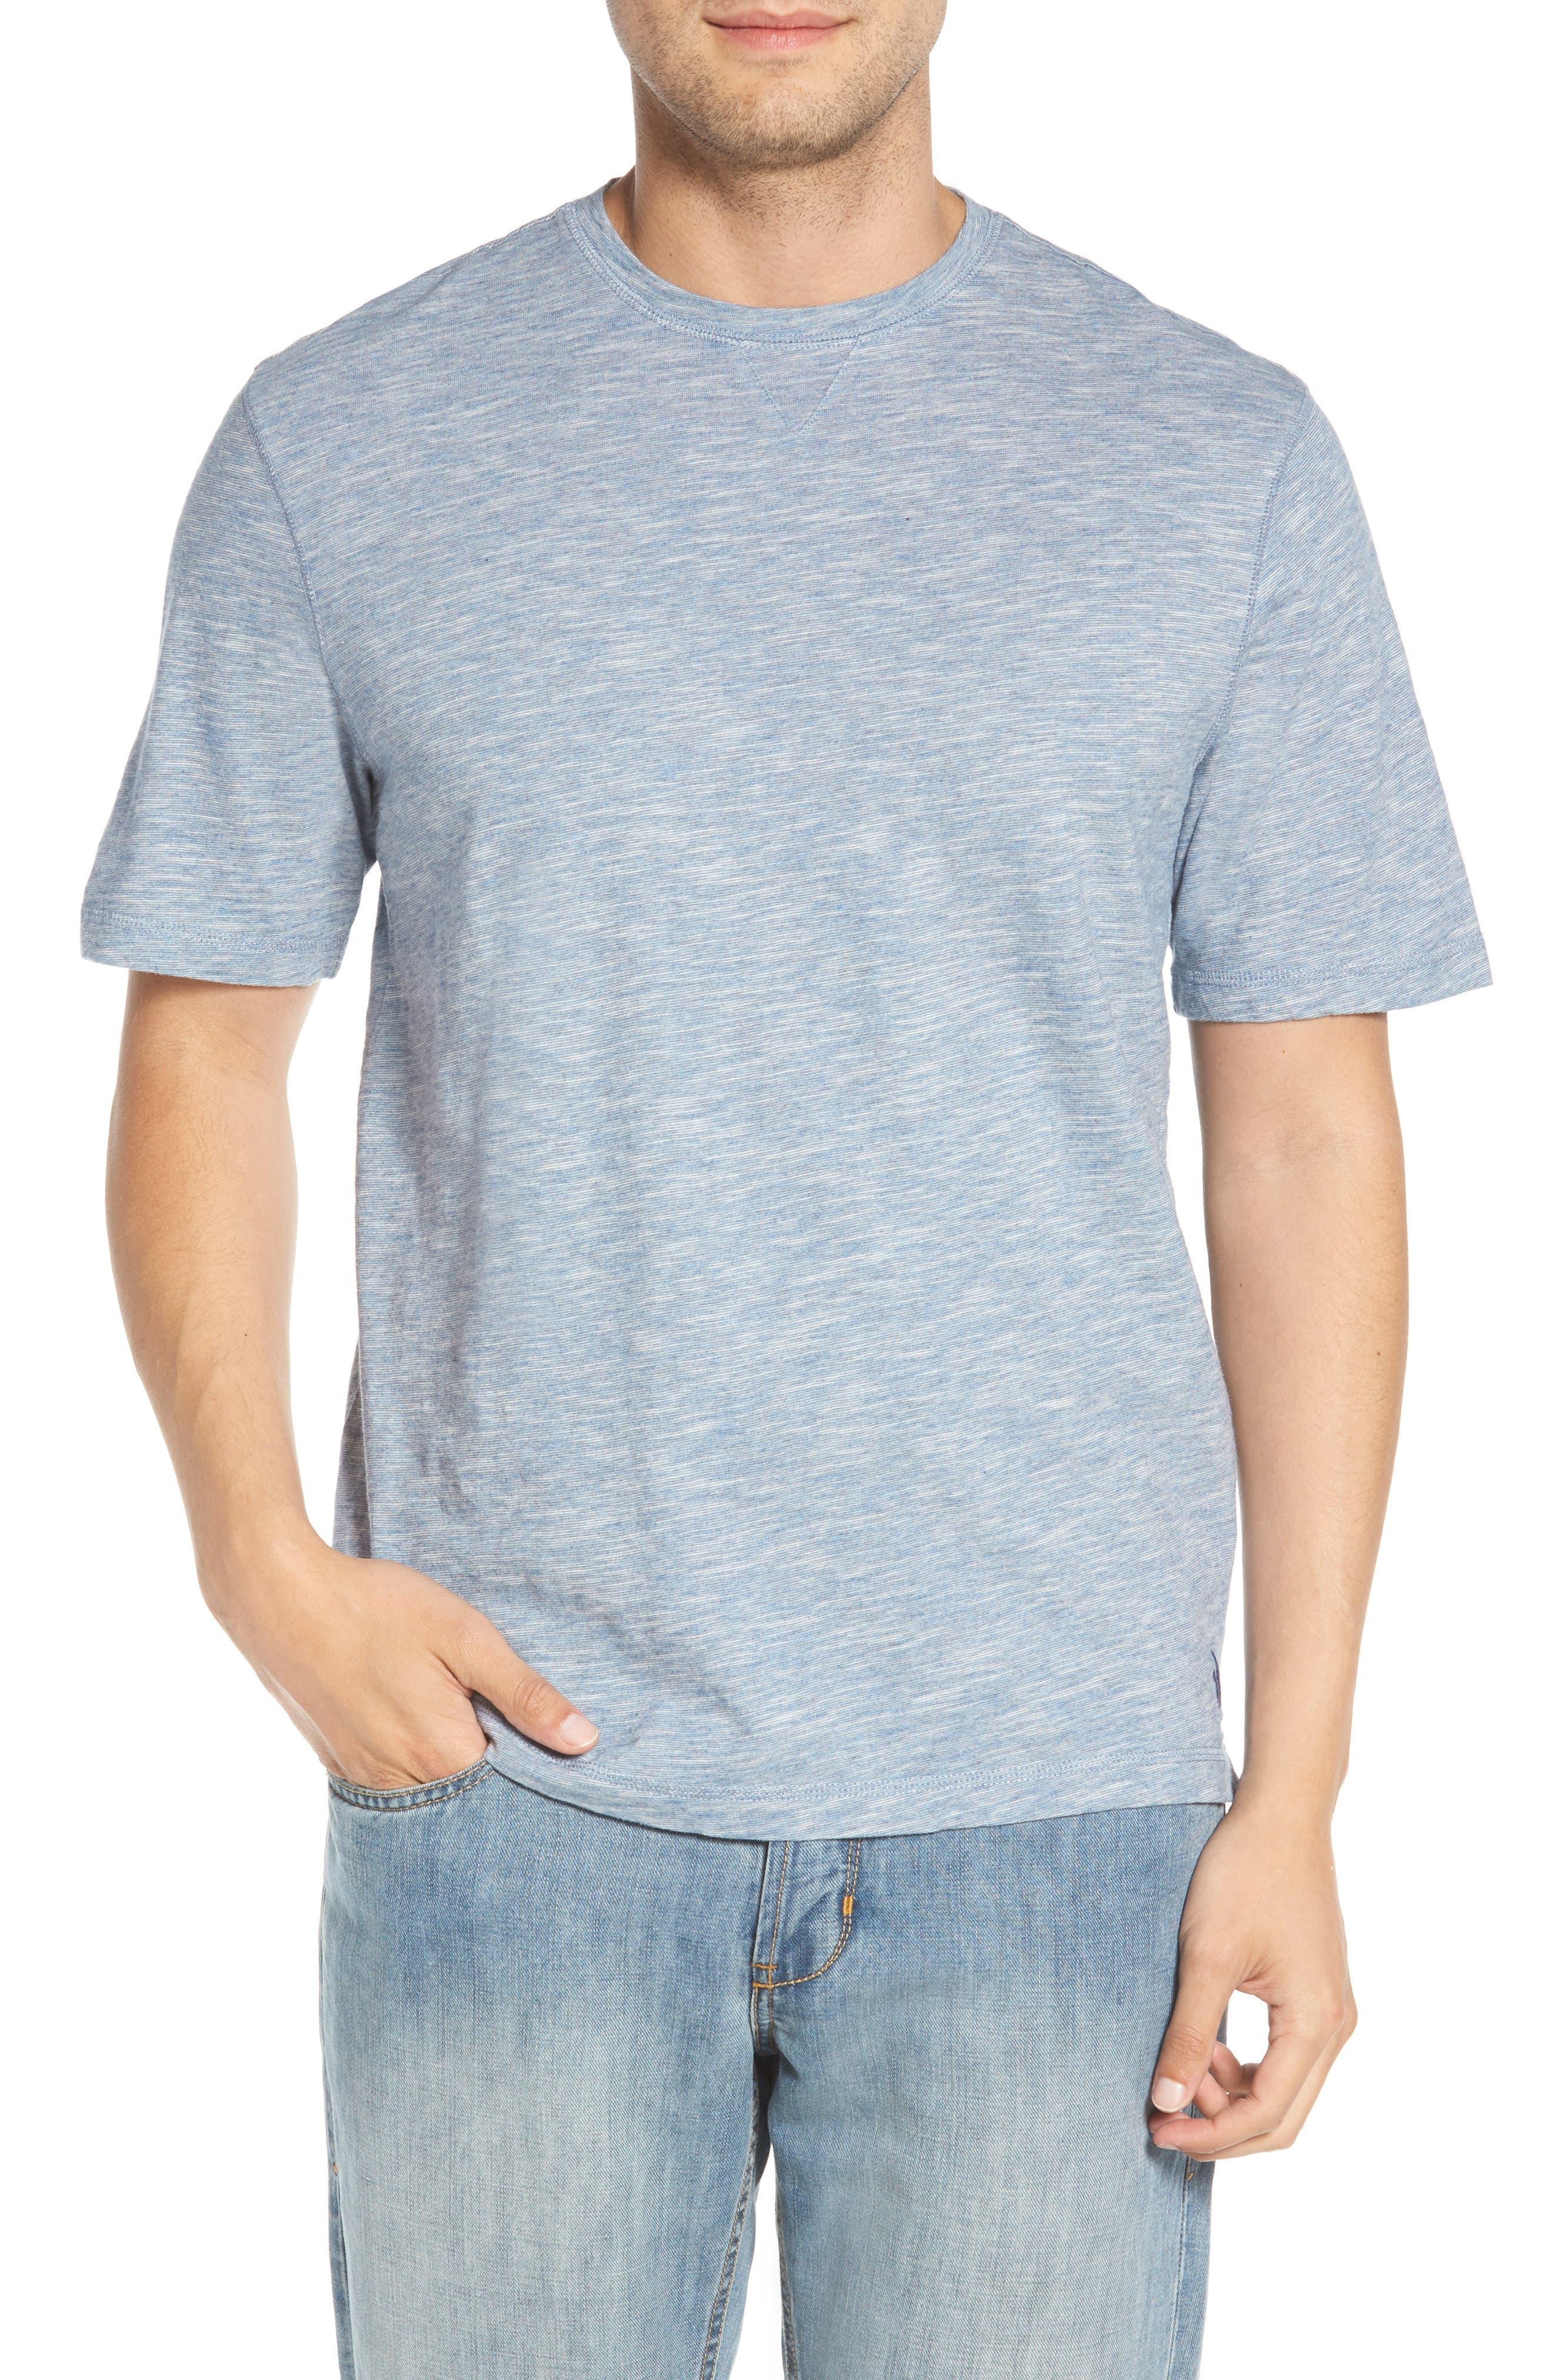 Slubbie Regular Fit Crewneck T-Shirt,                             Main thumbnail 1, color,                             Meteor